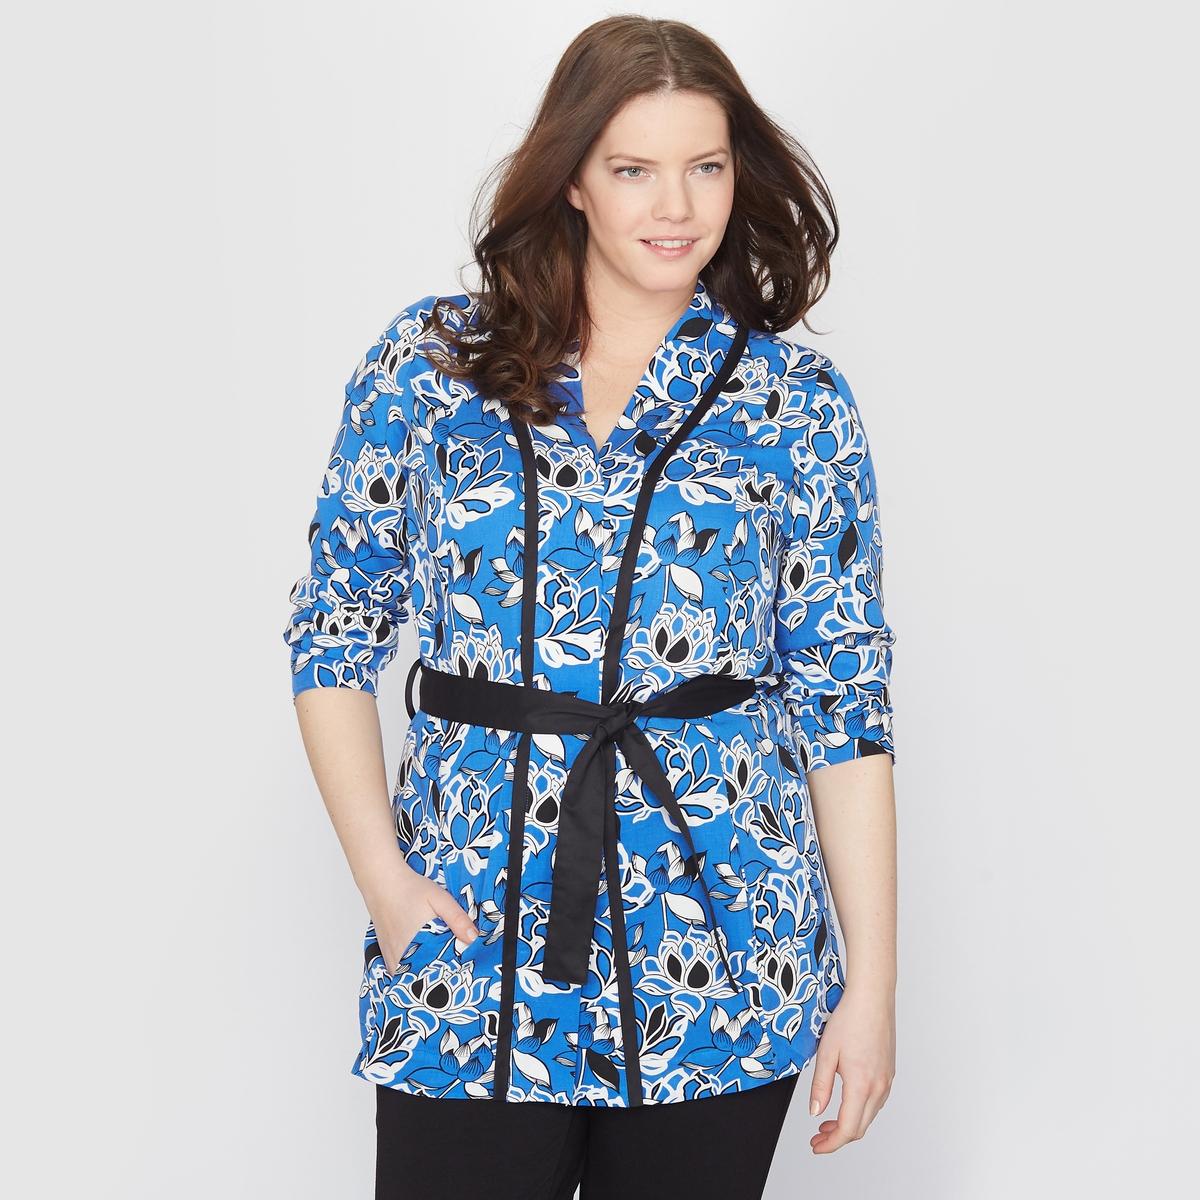 Жакет-кимоно с цветочным мотивомЖакет-кимоно. Яркий цветочный рисунок ! Однотонный черный ремешок на поясе . Контрастная черная бейка на вырезе и рукавах . 100% вискозы . Длина 72 см .<br><br>Цвет: рисунок цветочный синий<br>Размер: 42 (FR) - 48 (RUS)